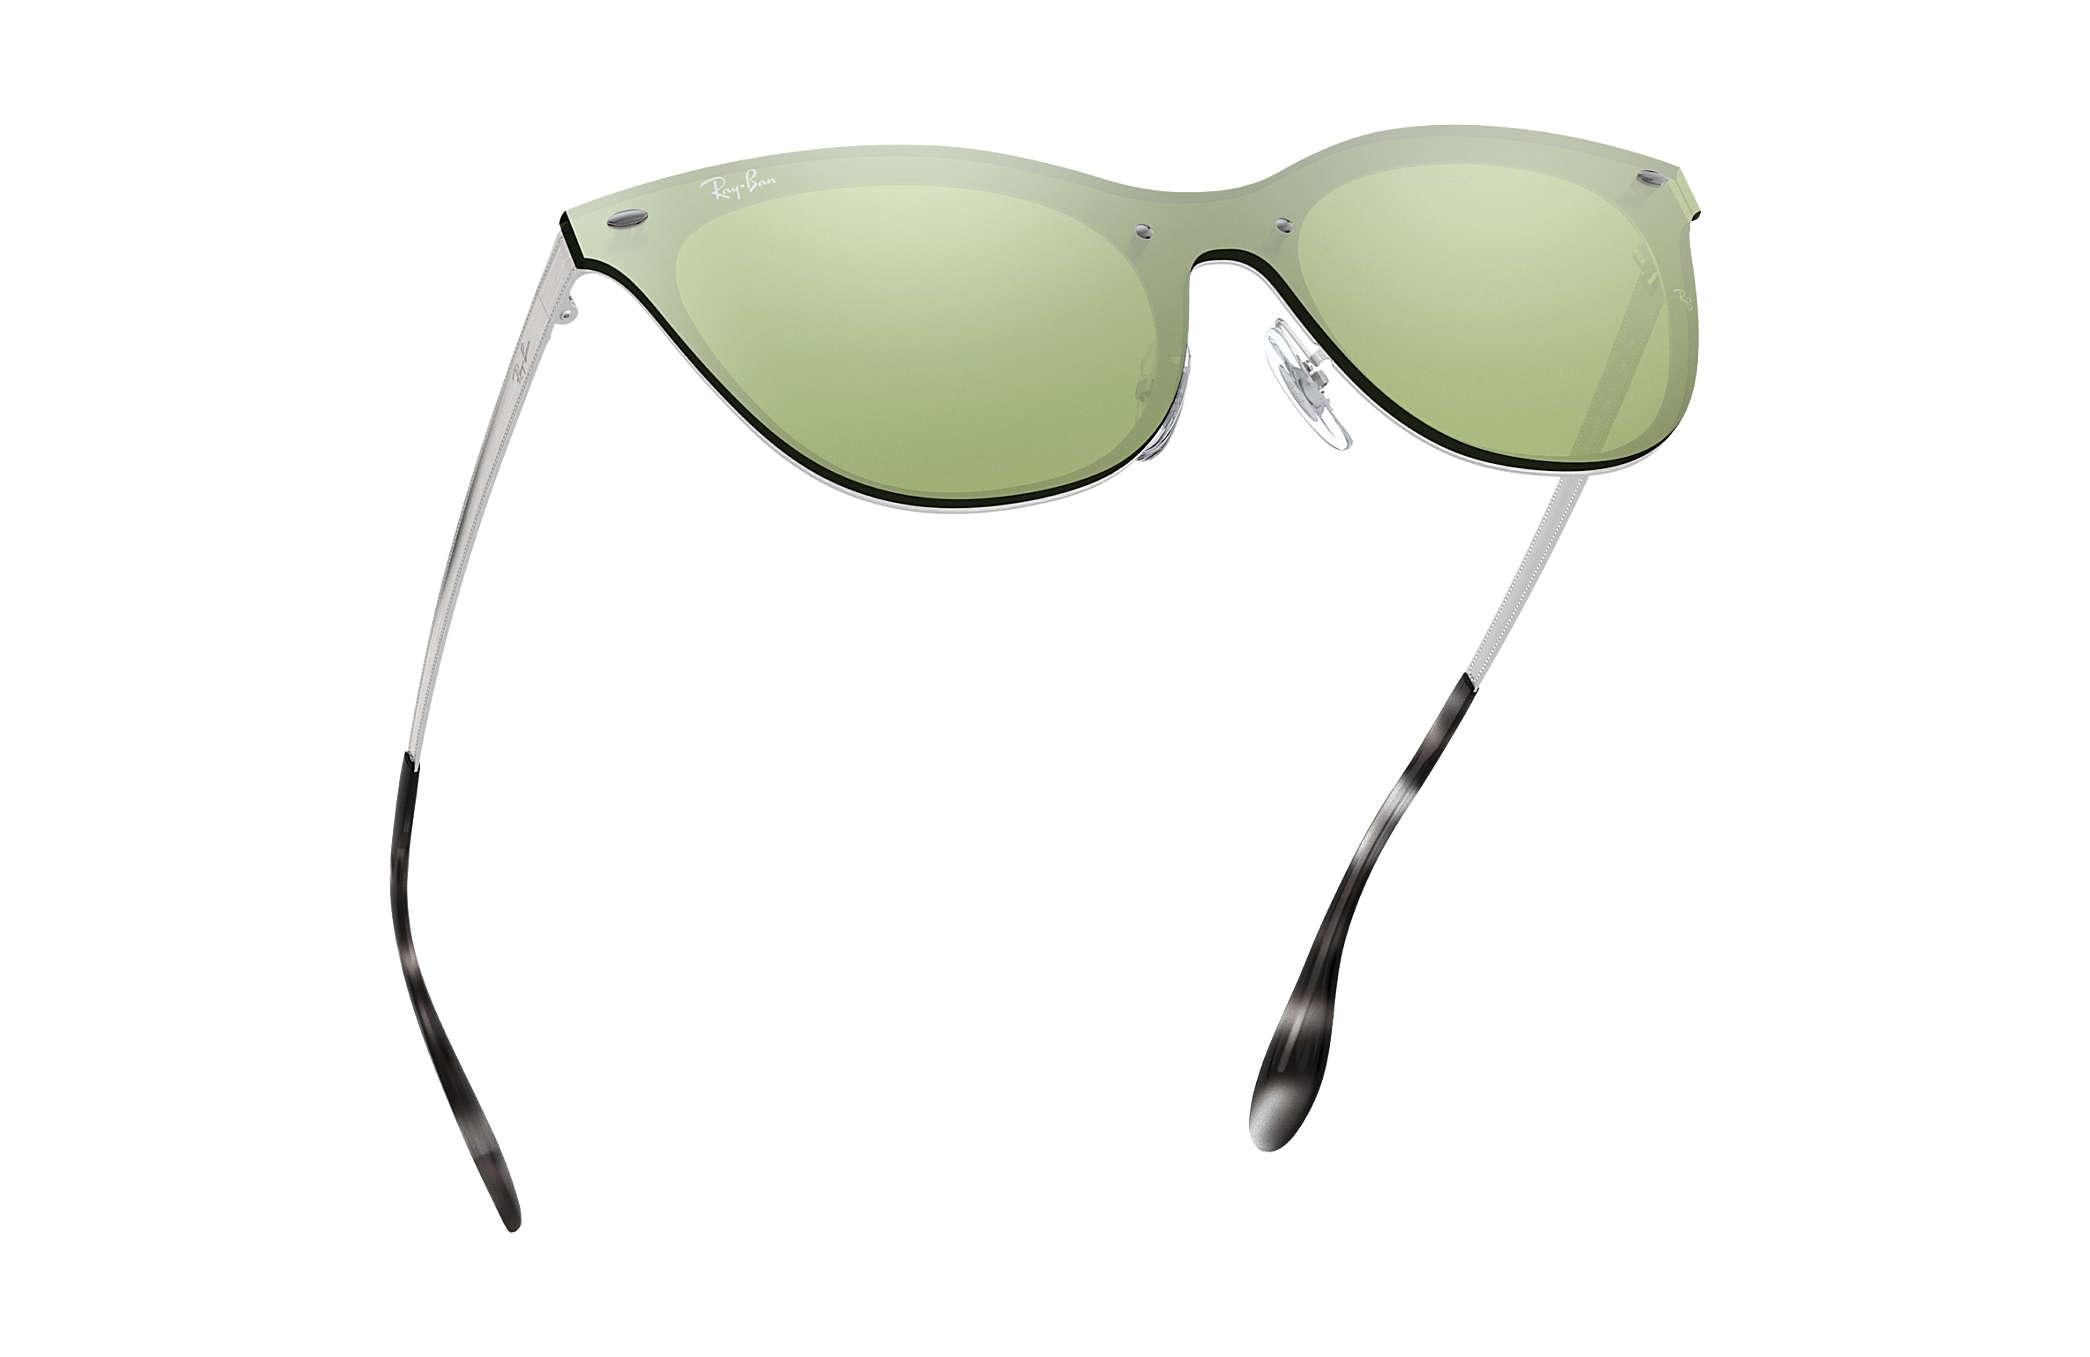 4a36e5ca5f863 Ray-Ban Blaze Cat Eye RB3580N Silver - Steel - Dark Green Silver ...